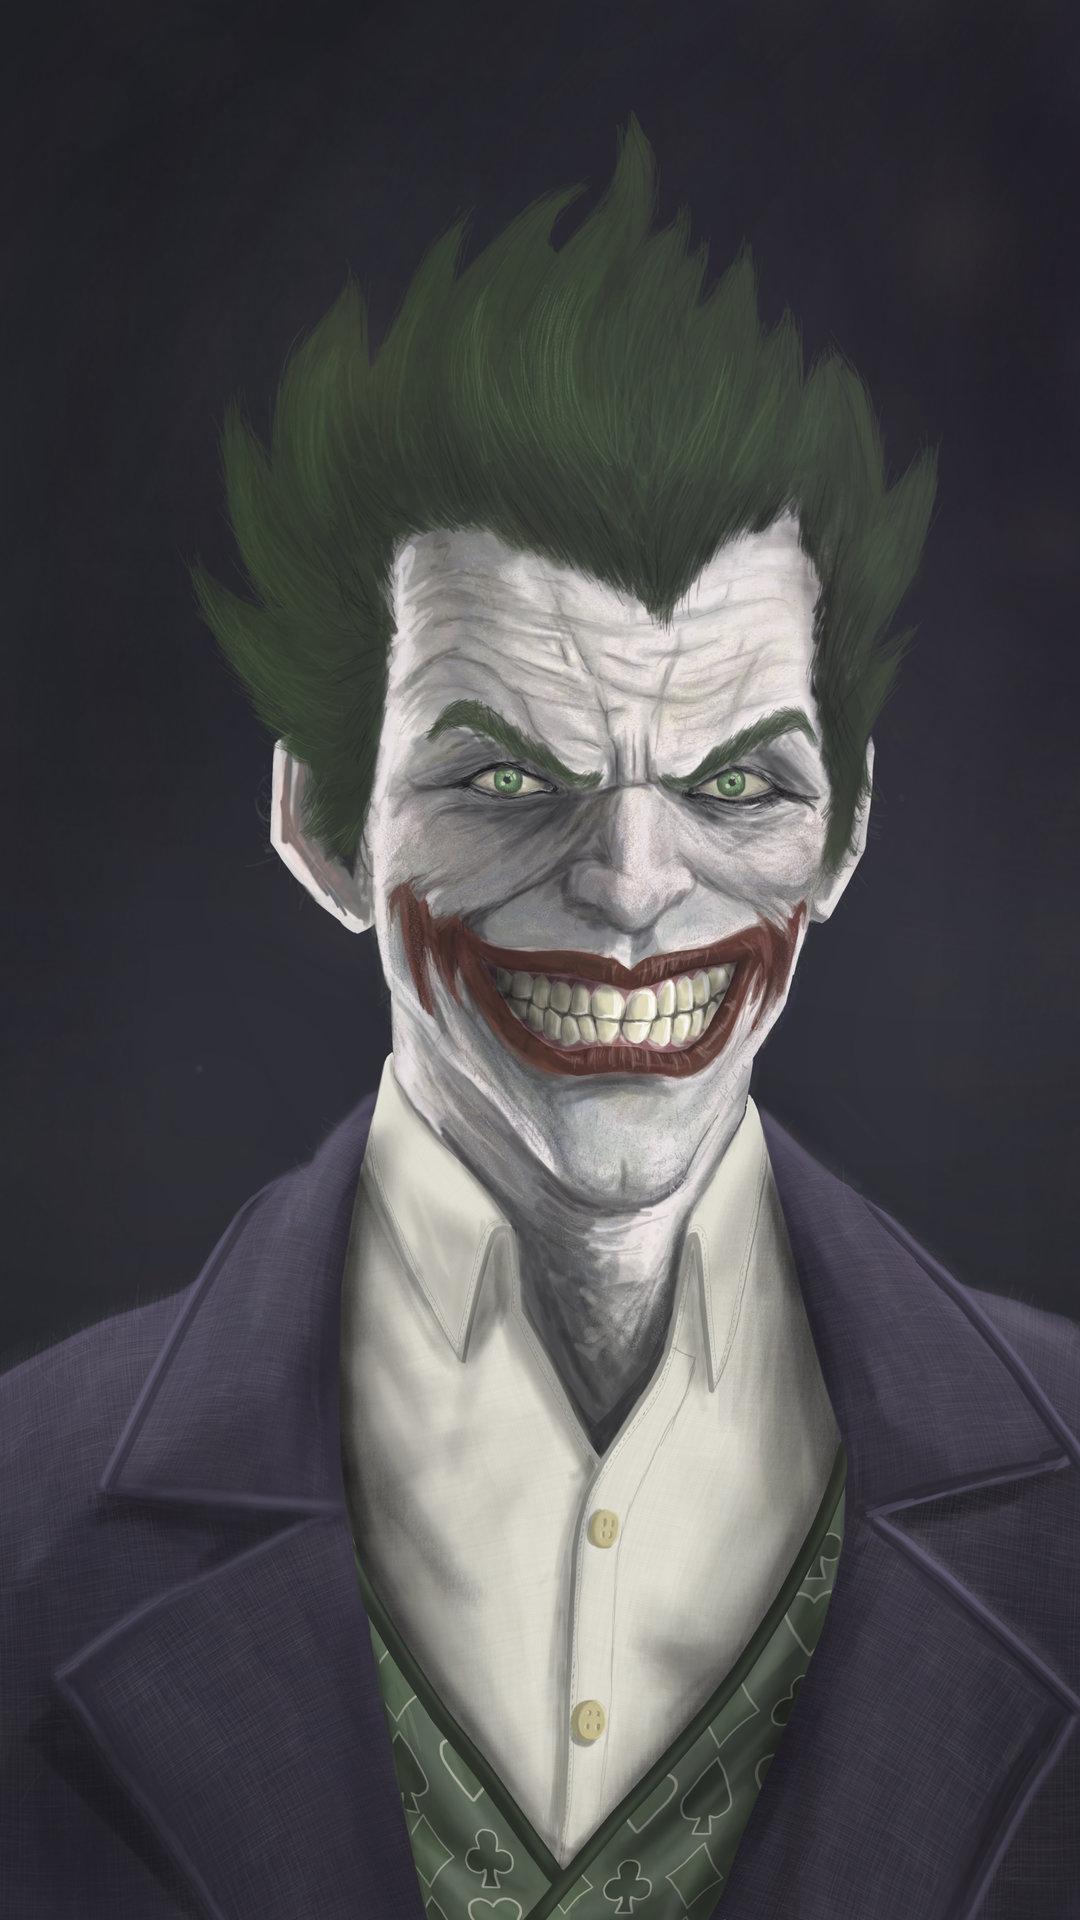 Aditya parab the joker batman arkham origins aditya parab joker arkham origins final voltagebd Images